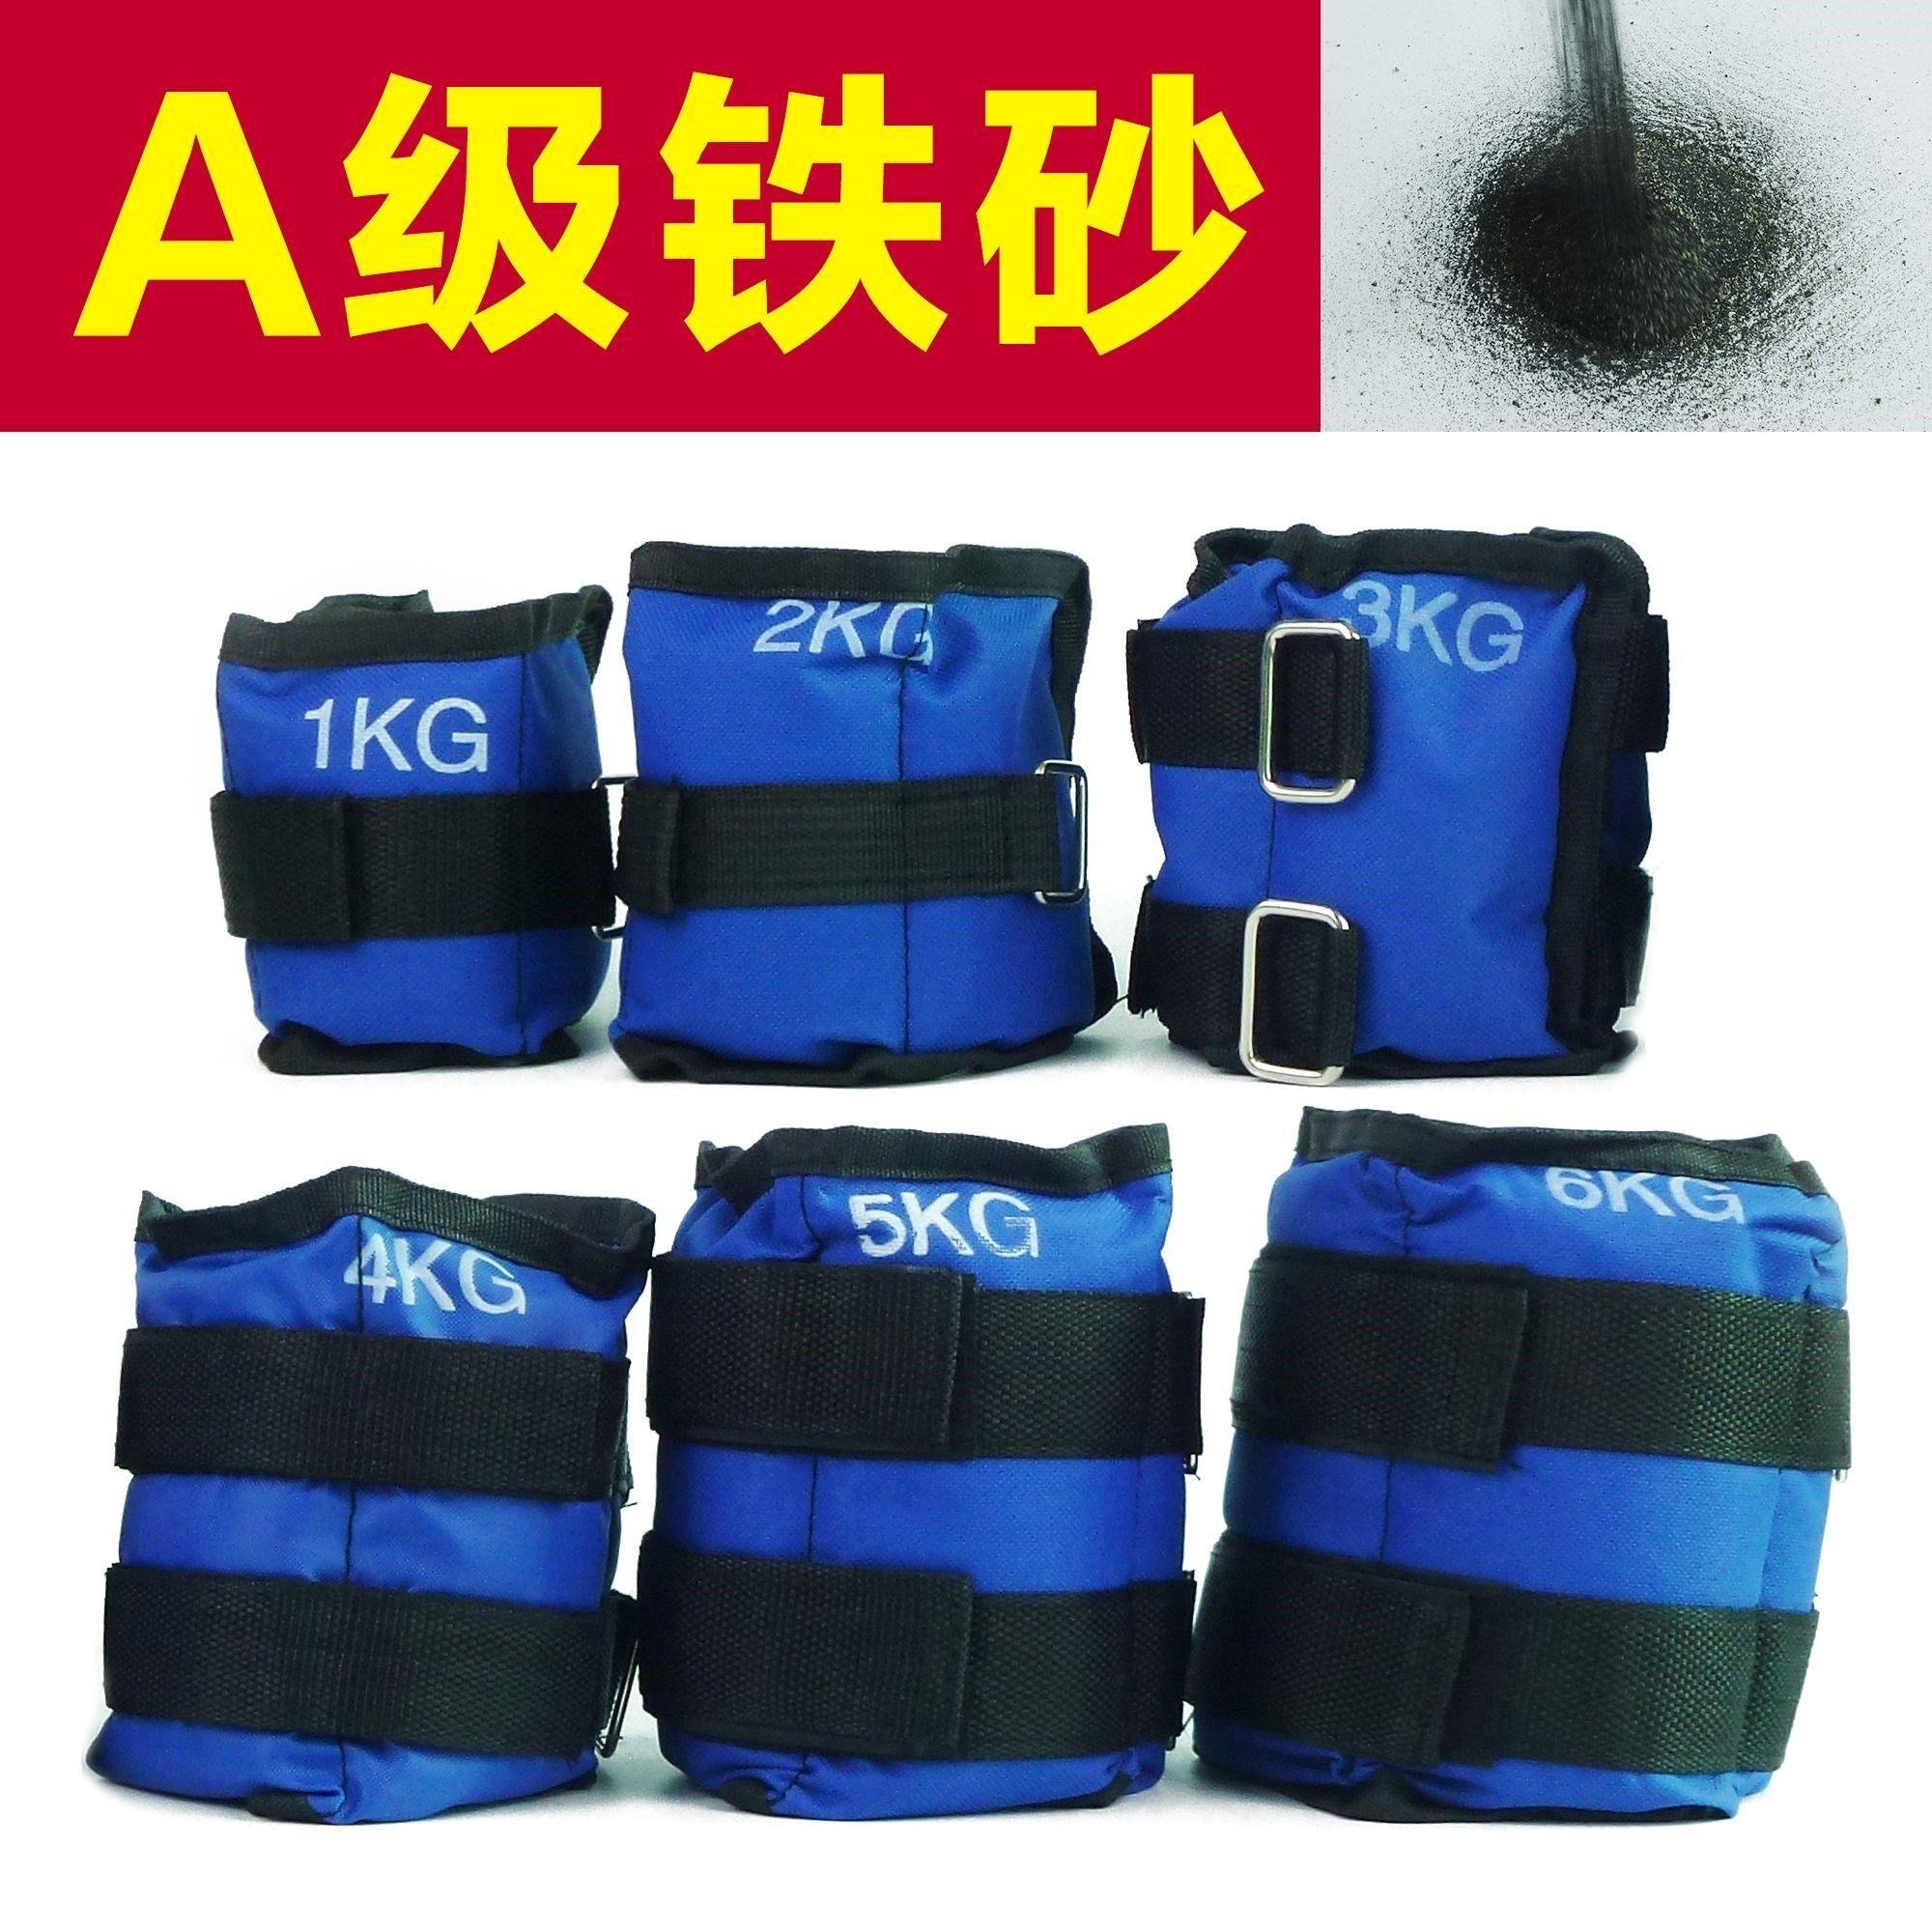 负重绑腿沙袋运动跑步训练健身装备可调铁砂绑手绑脚沙附重袋